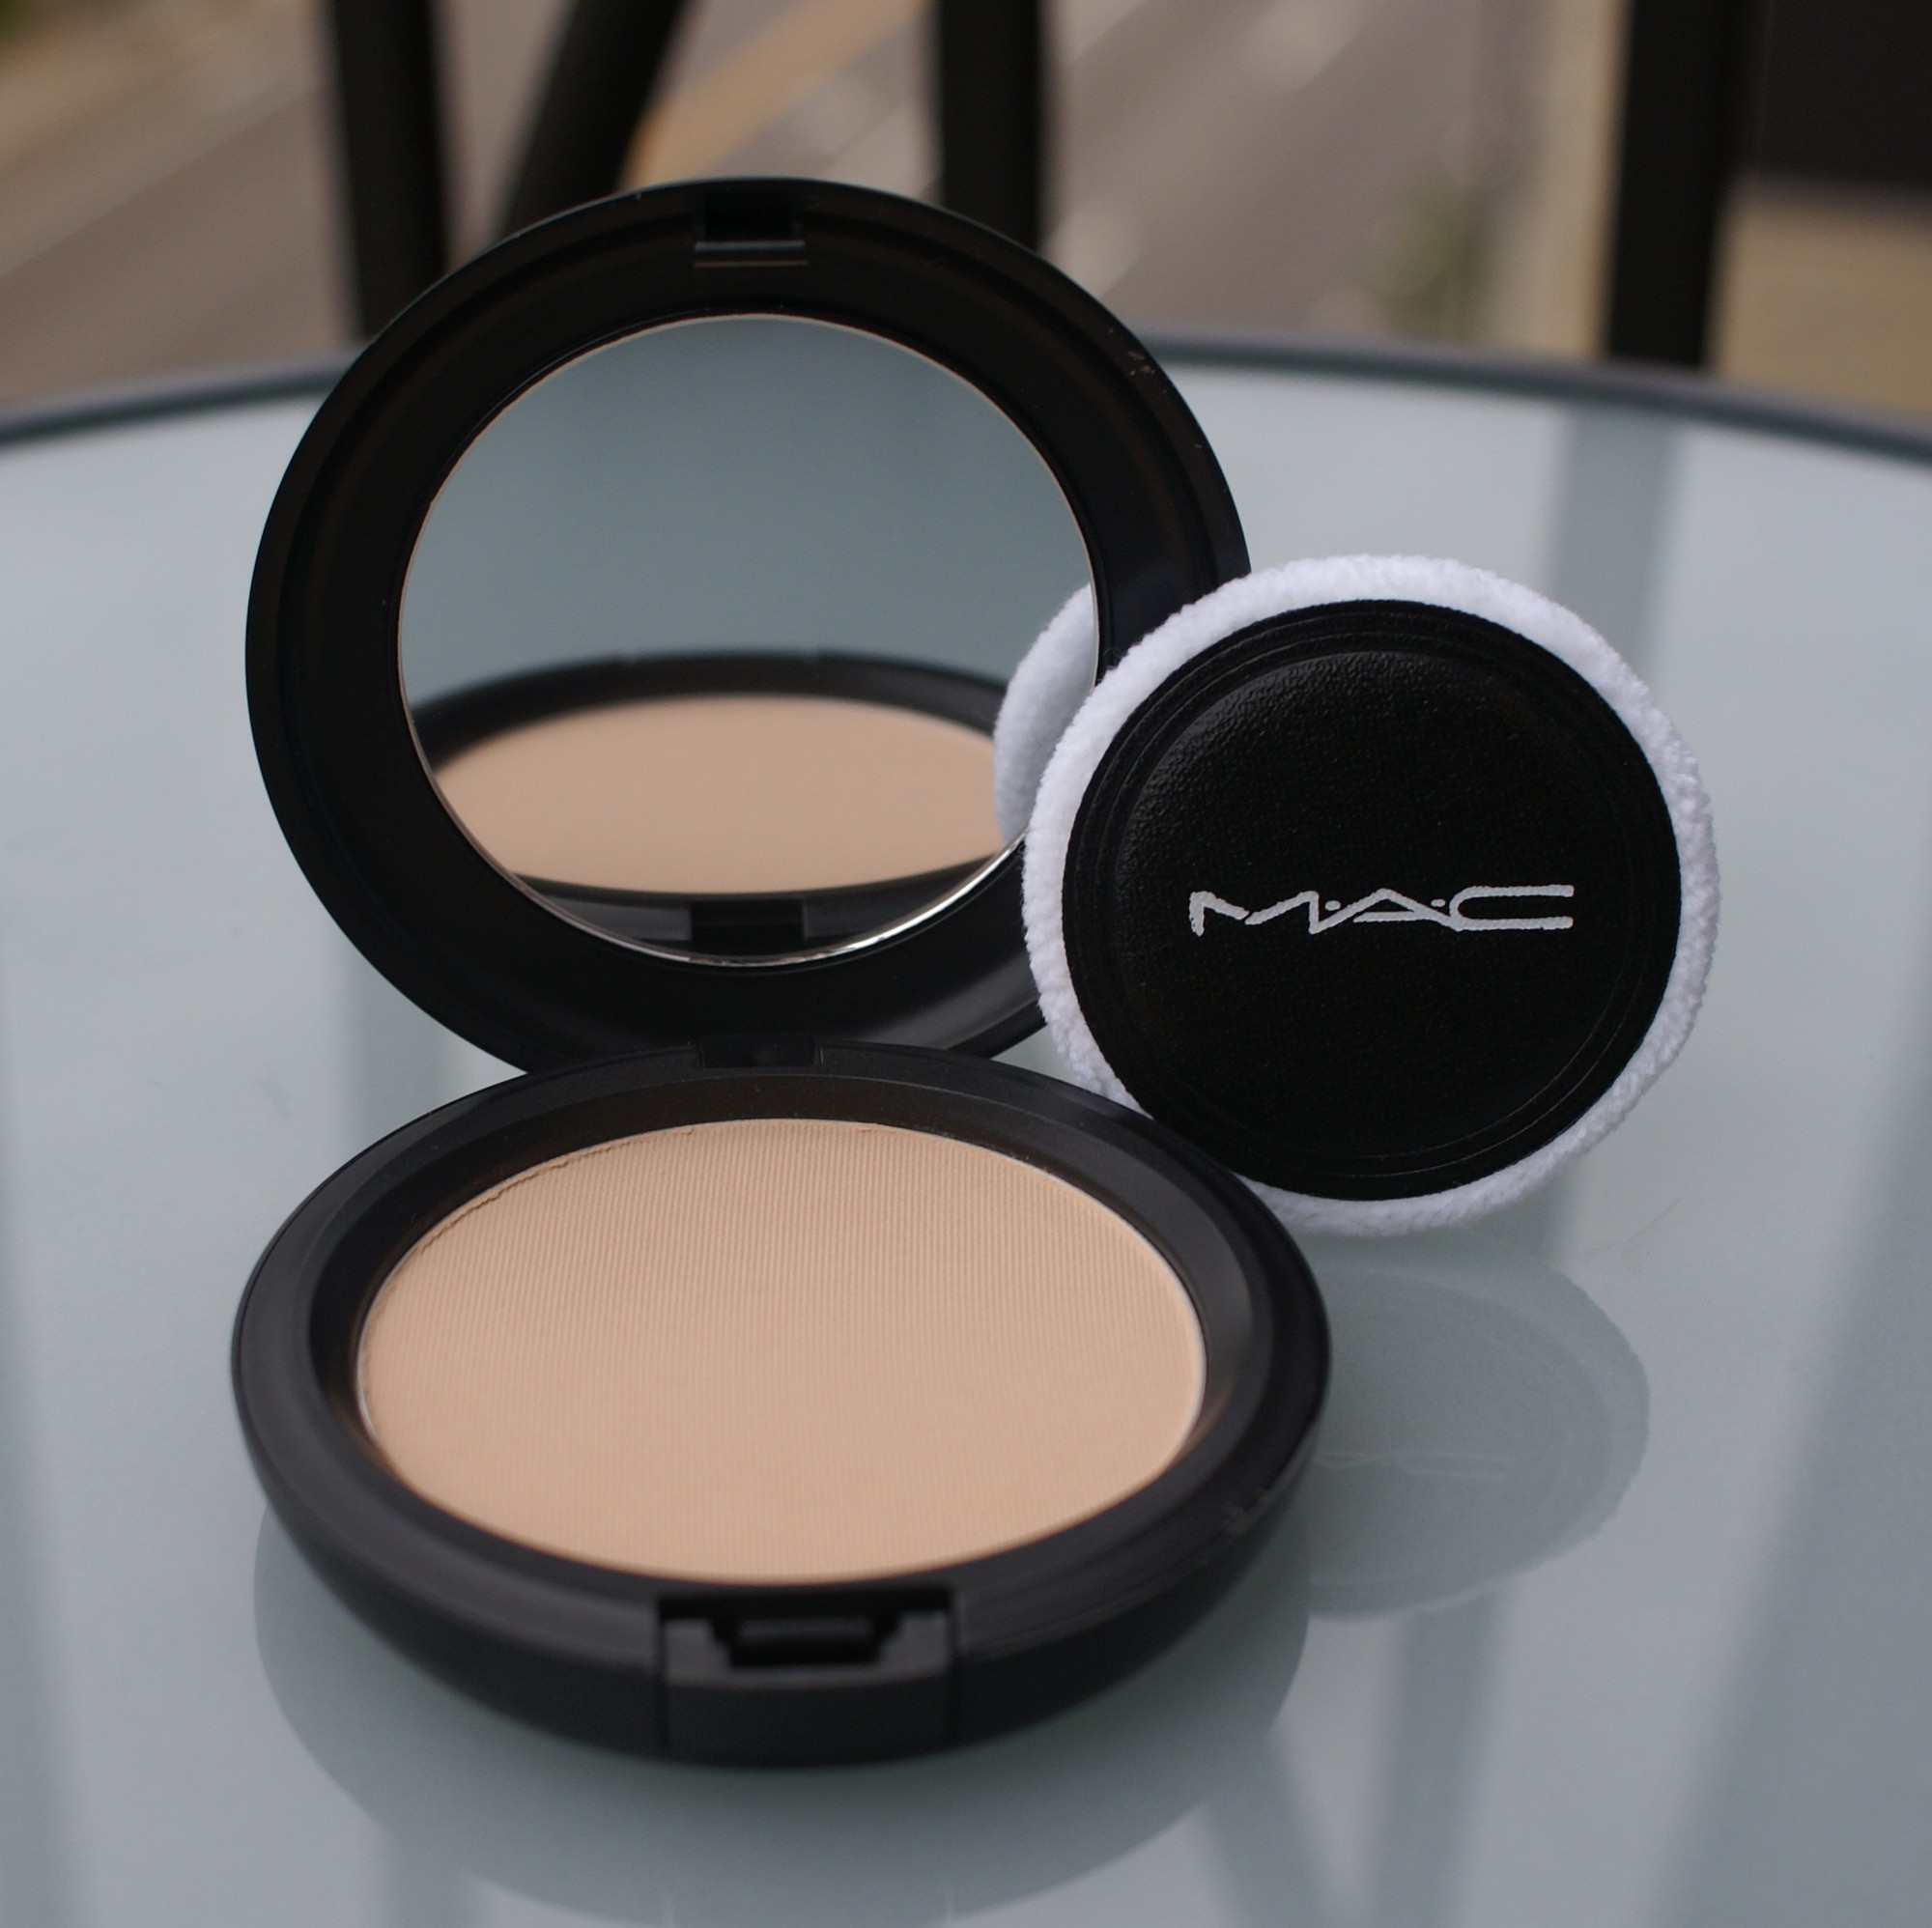 Cô nàng nào cũng cần: Cẩm nang chi tiết các bước makeup cho da căng bóng mà vẫn ráo mịn từ chuyên gia - Ảnh 10.